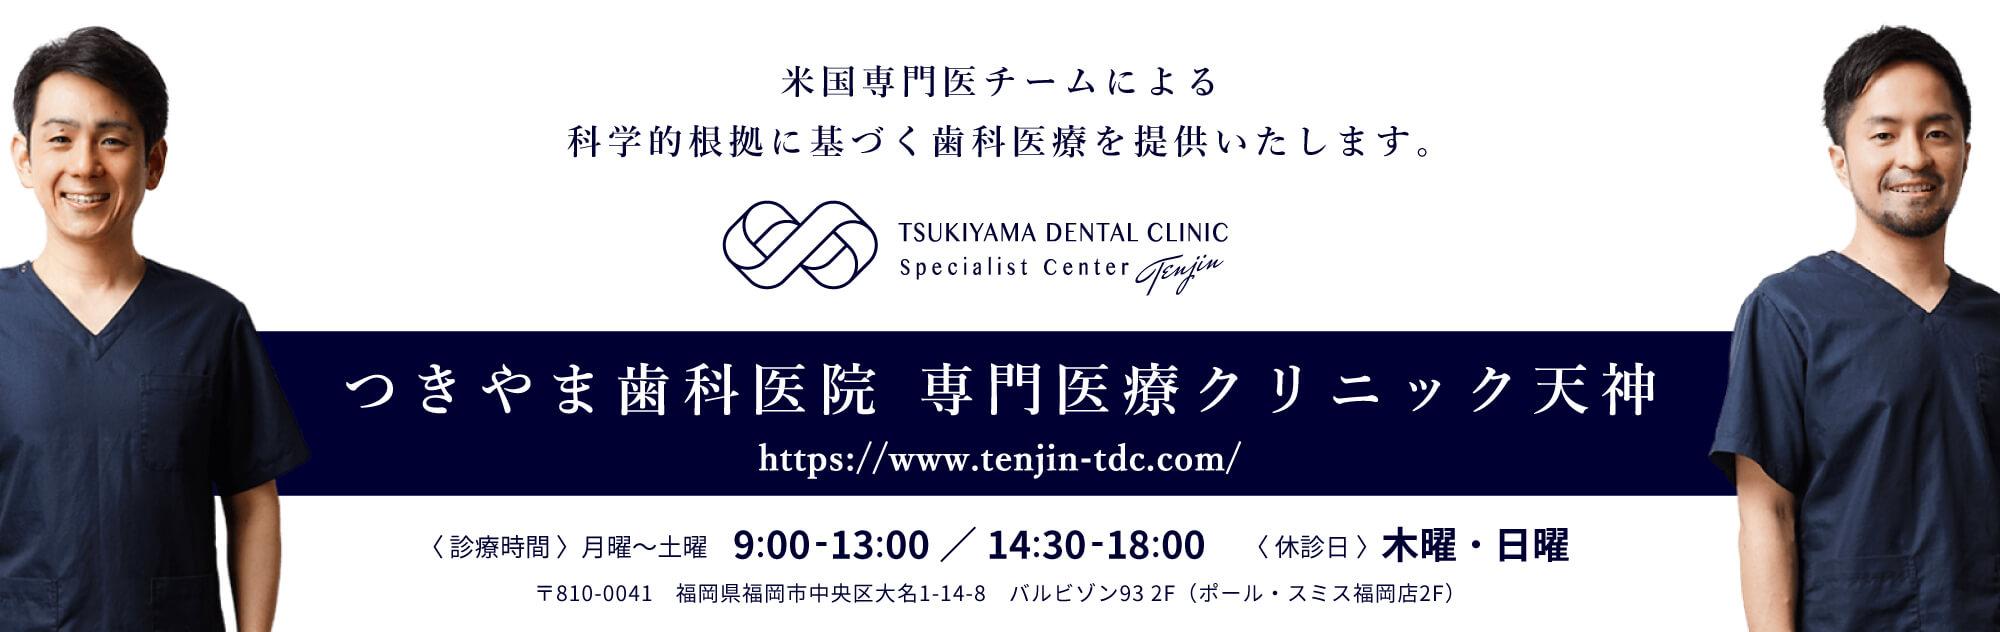 つきやま歯科医院 専門医療クリニック